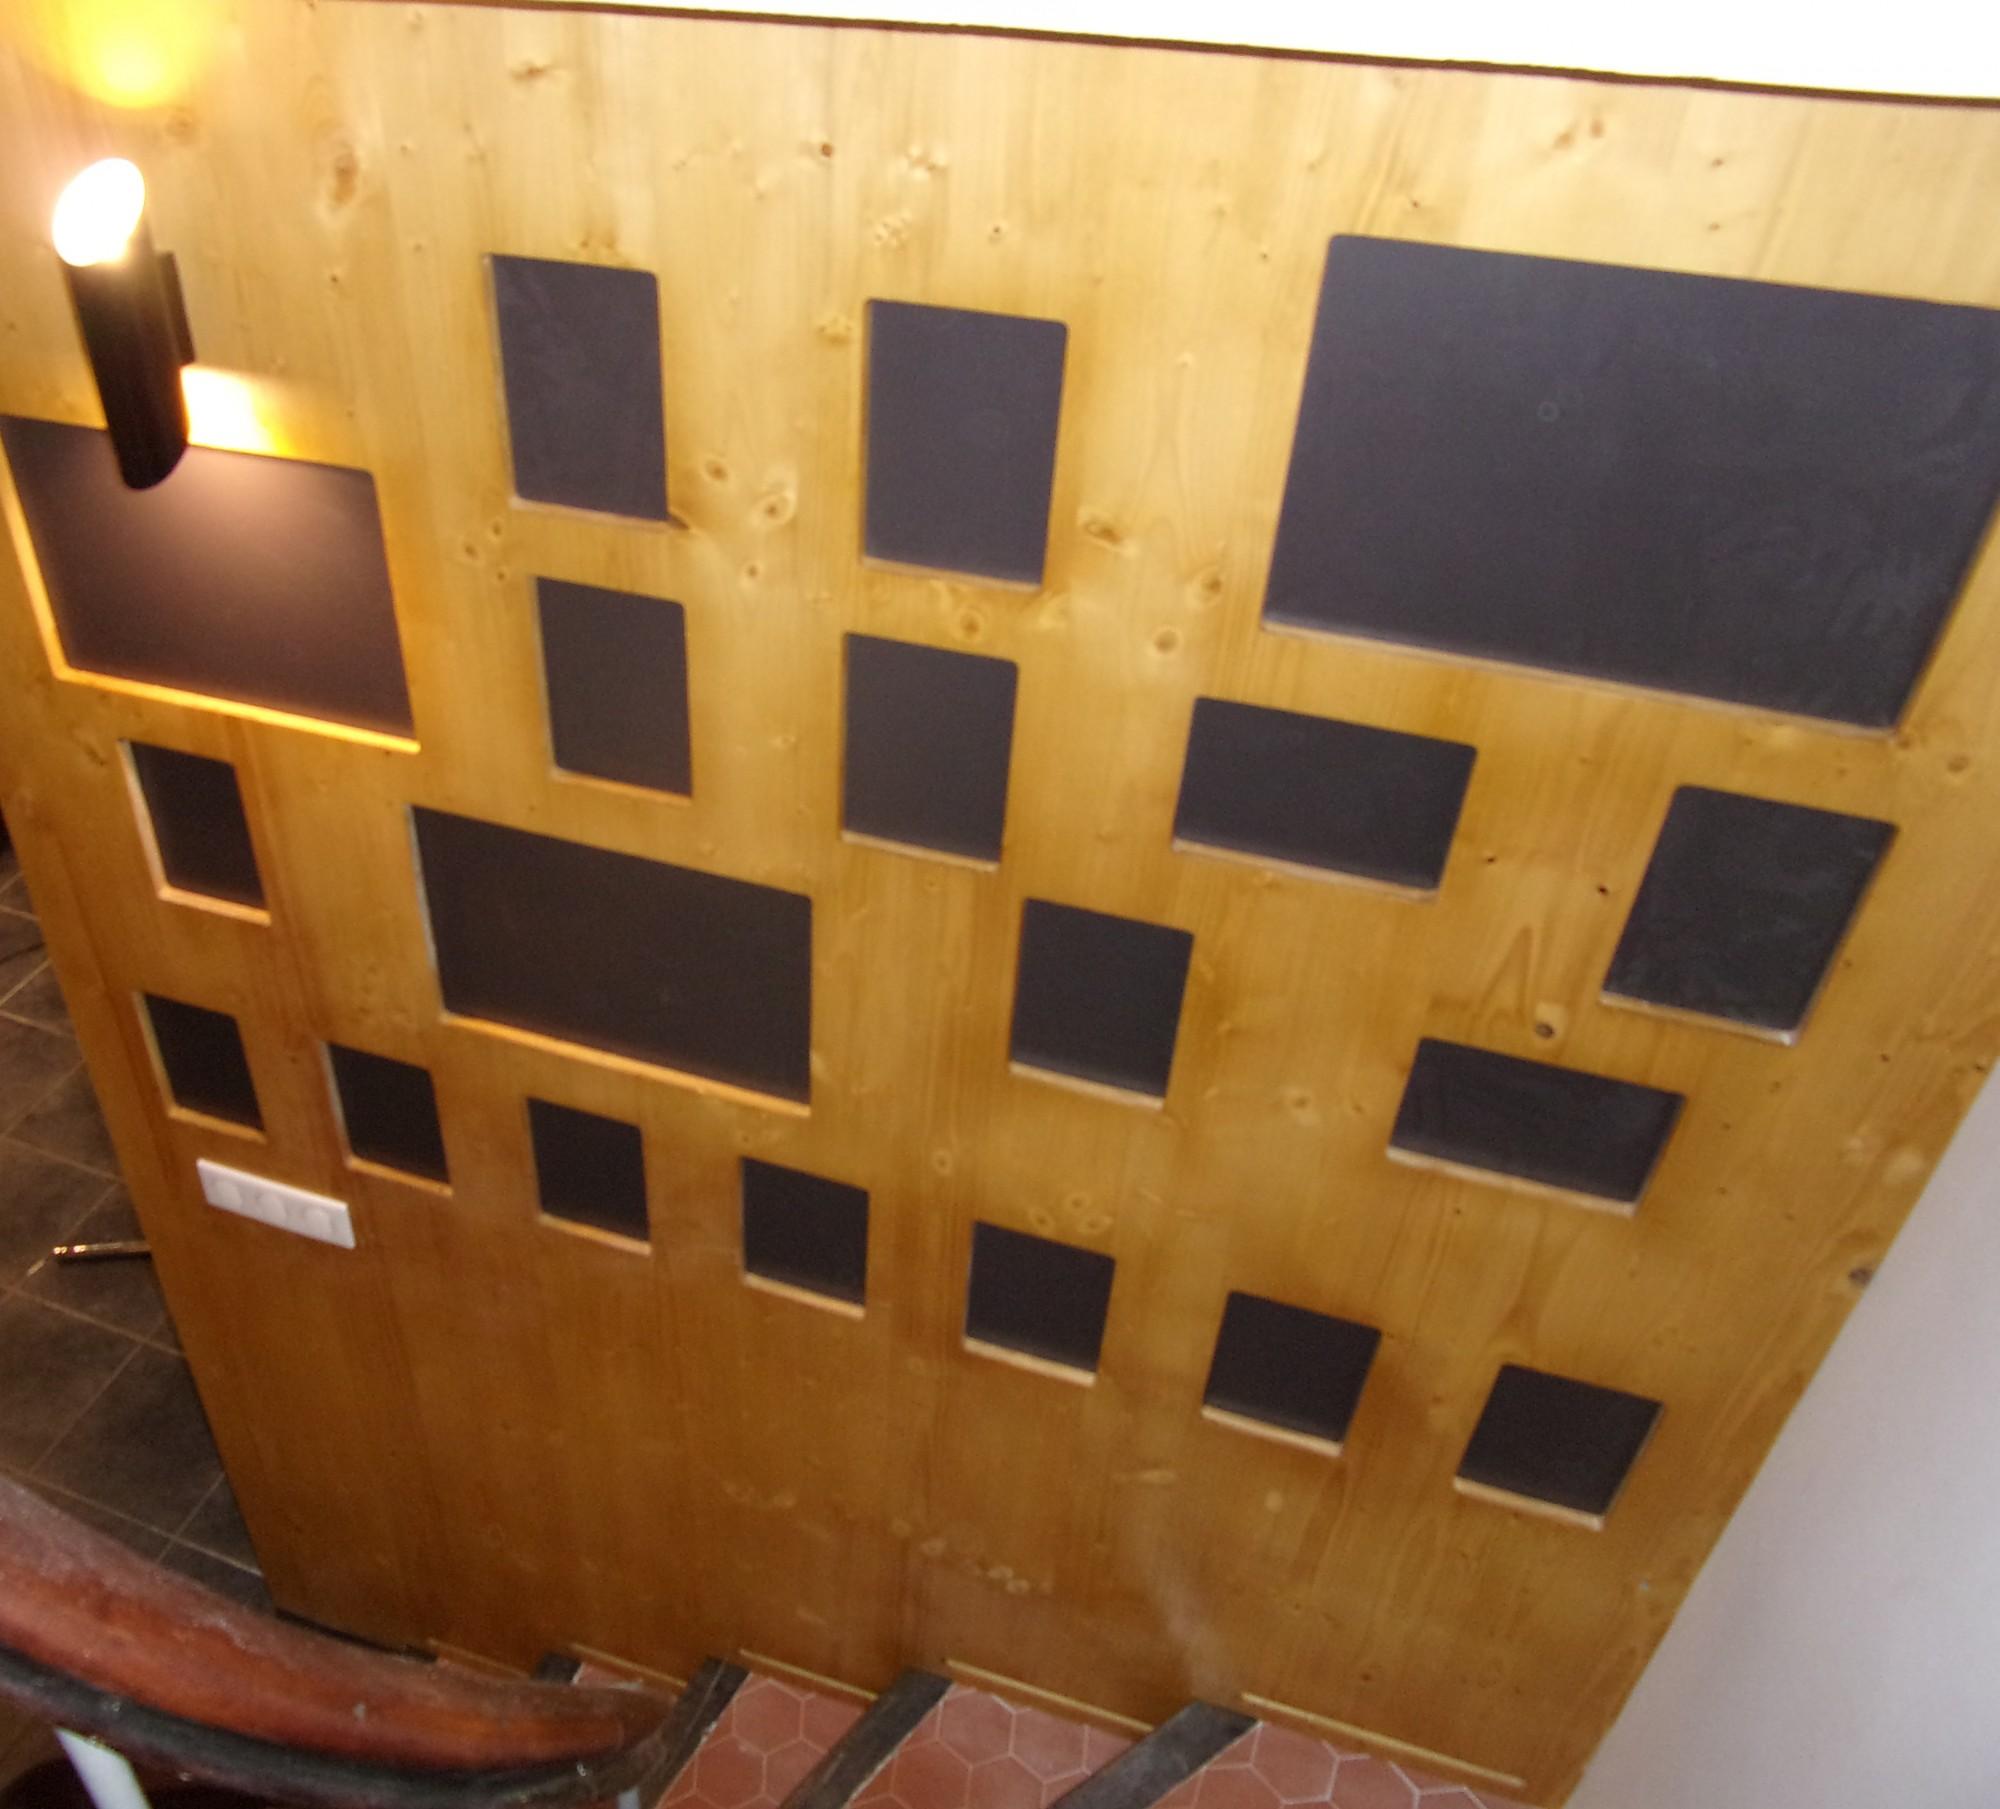 Habillage De Mur Intérieur habillage mur intérieur bois - menuiserie md marseille